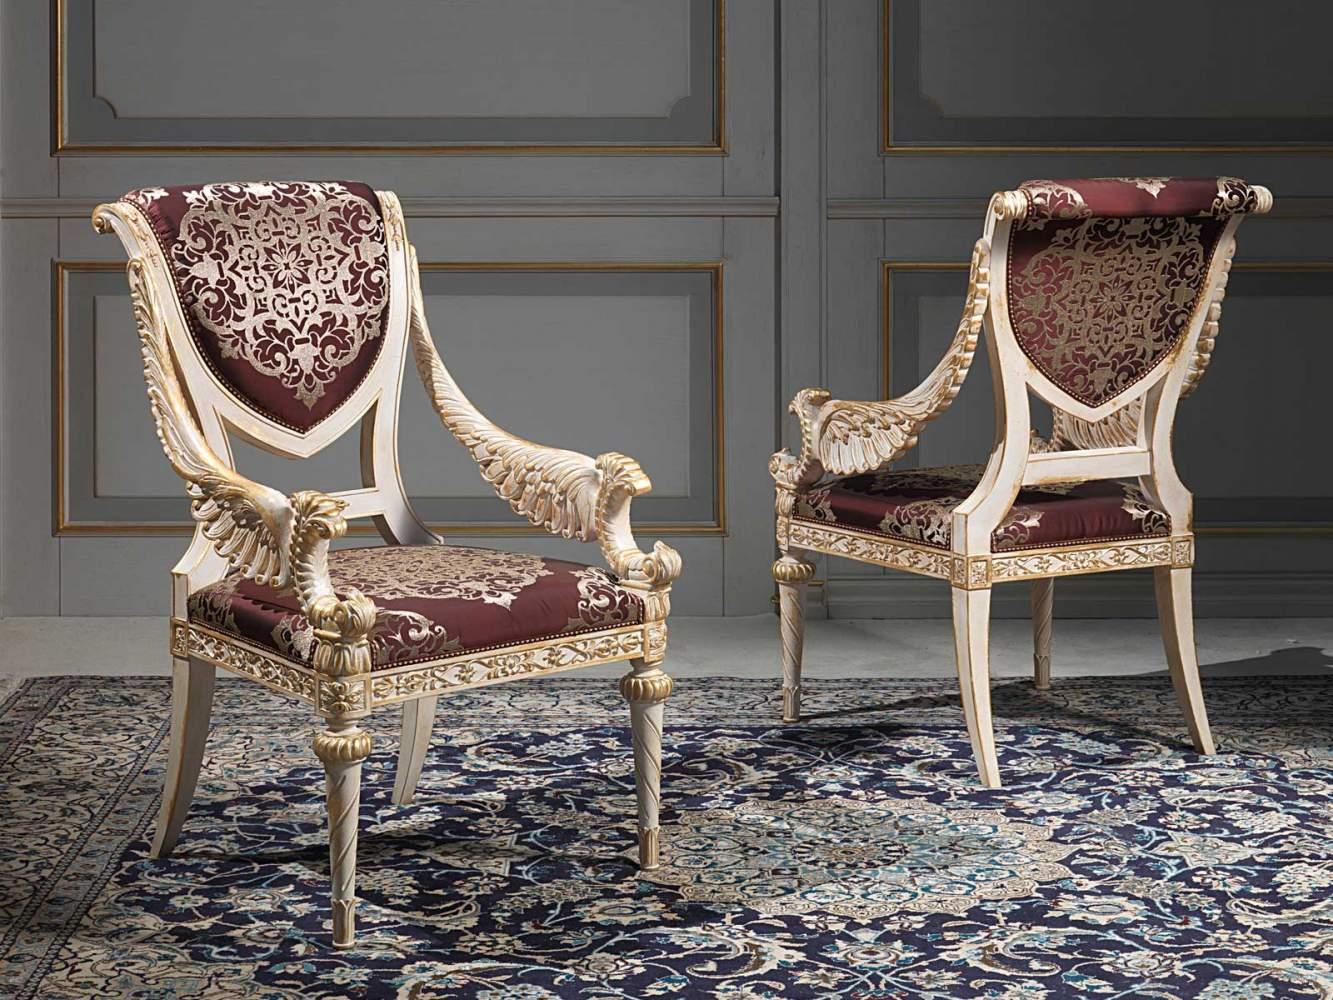 Chairs louis xvi style vimercati classic furniture - Telas para tapizar sofas ...